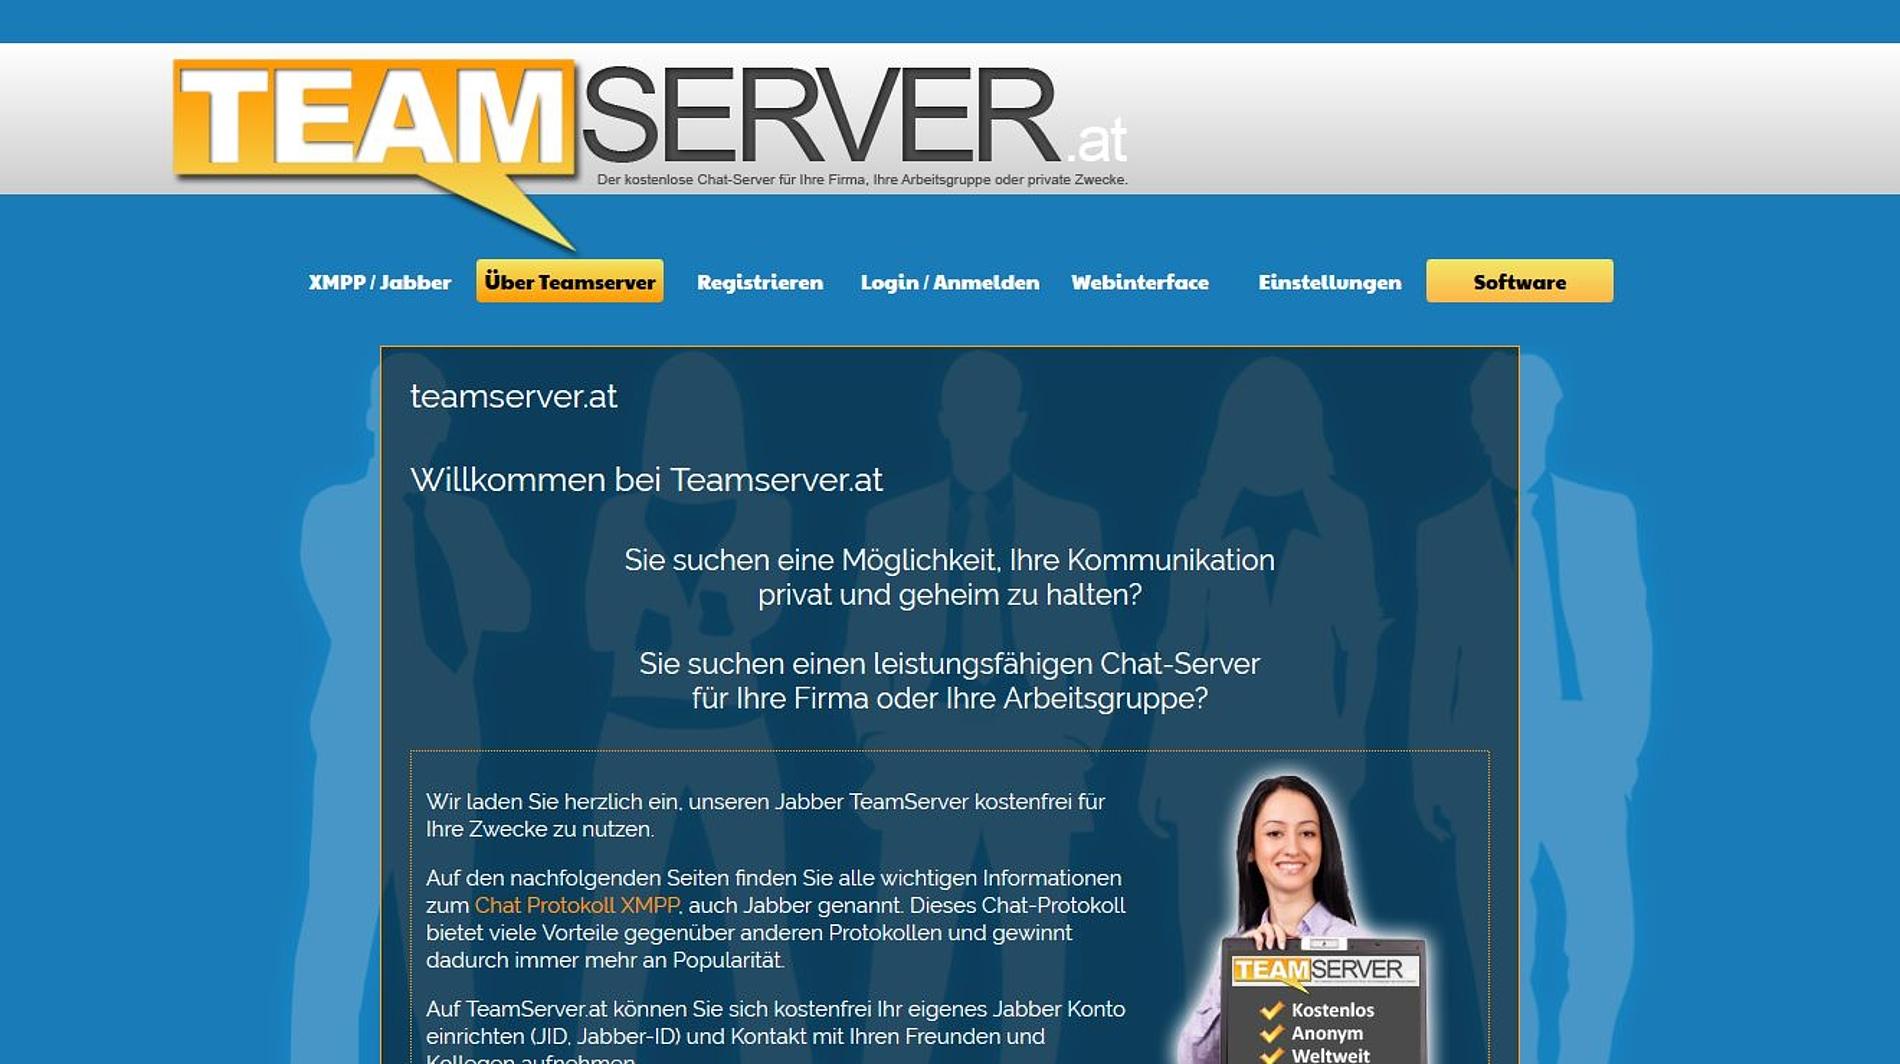 Website zum Chatten